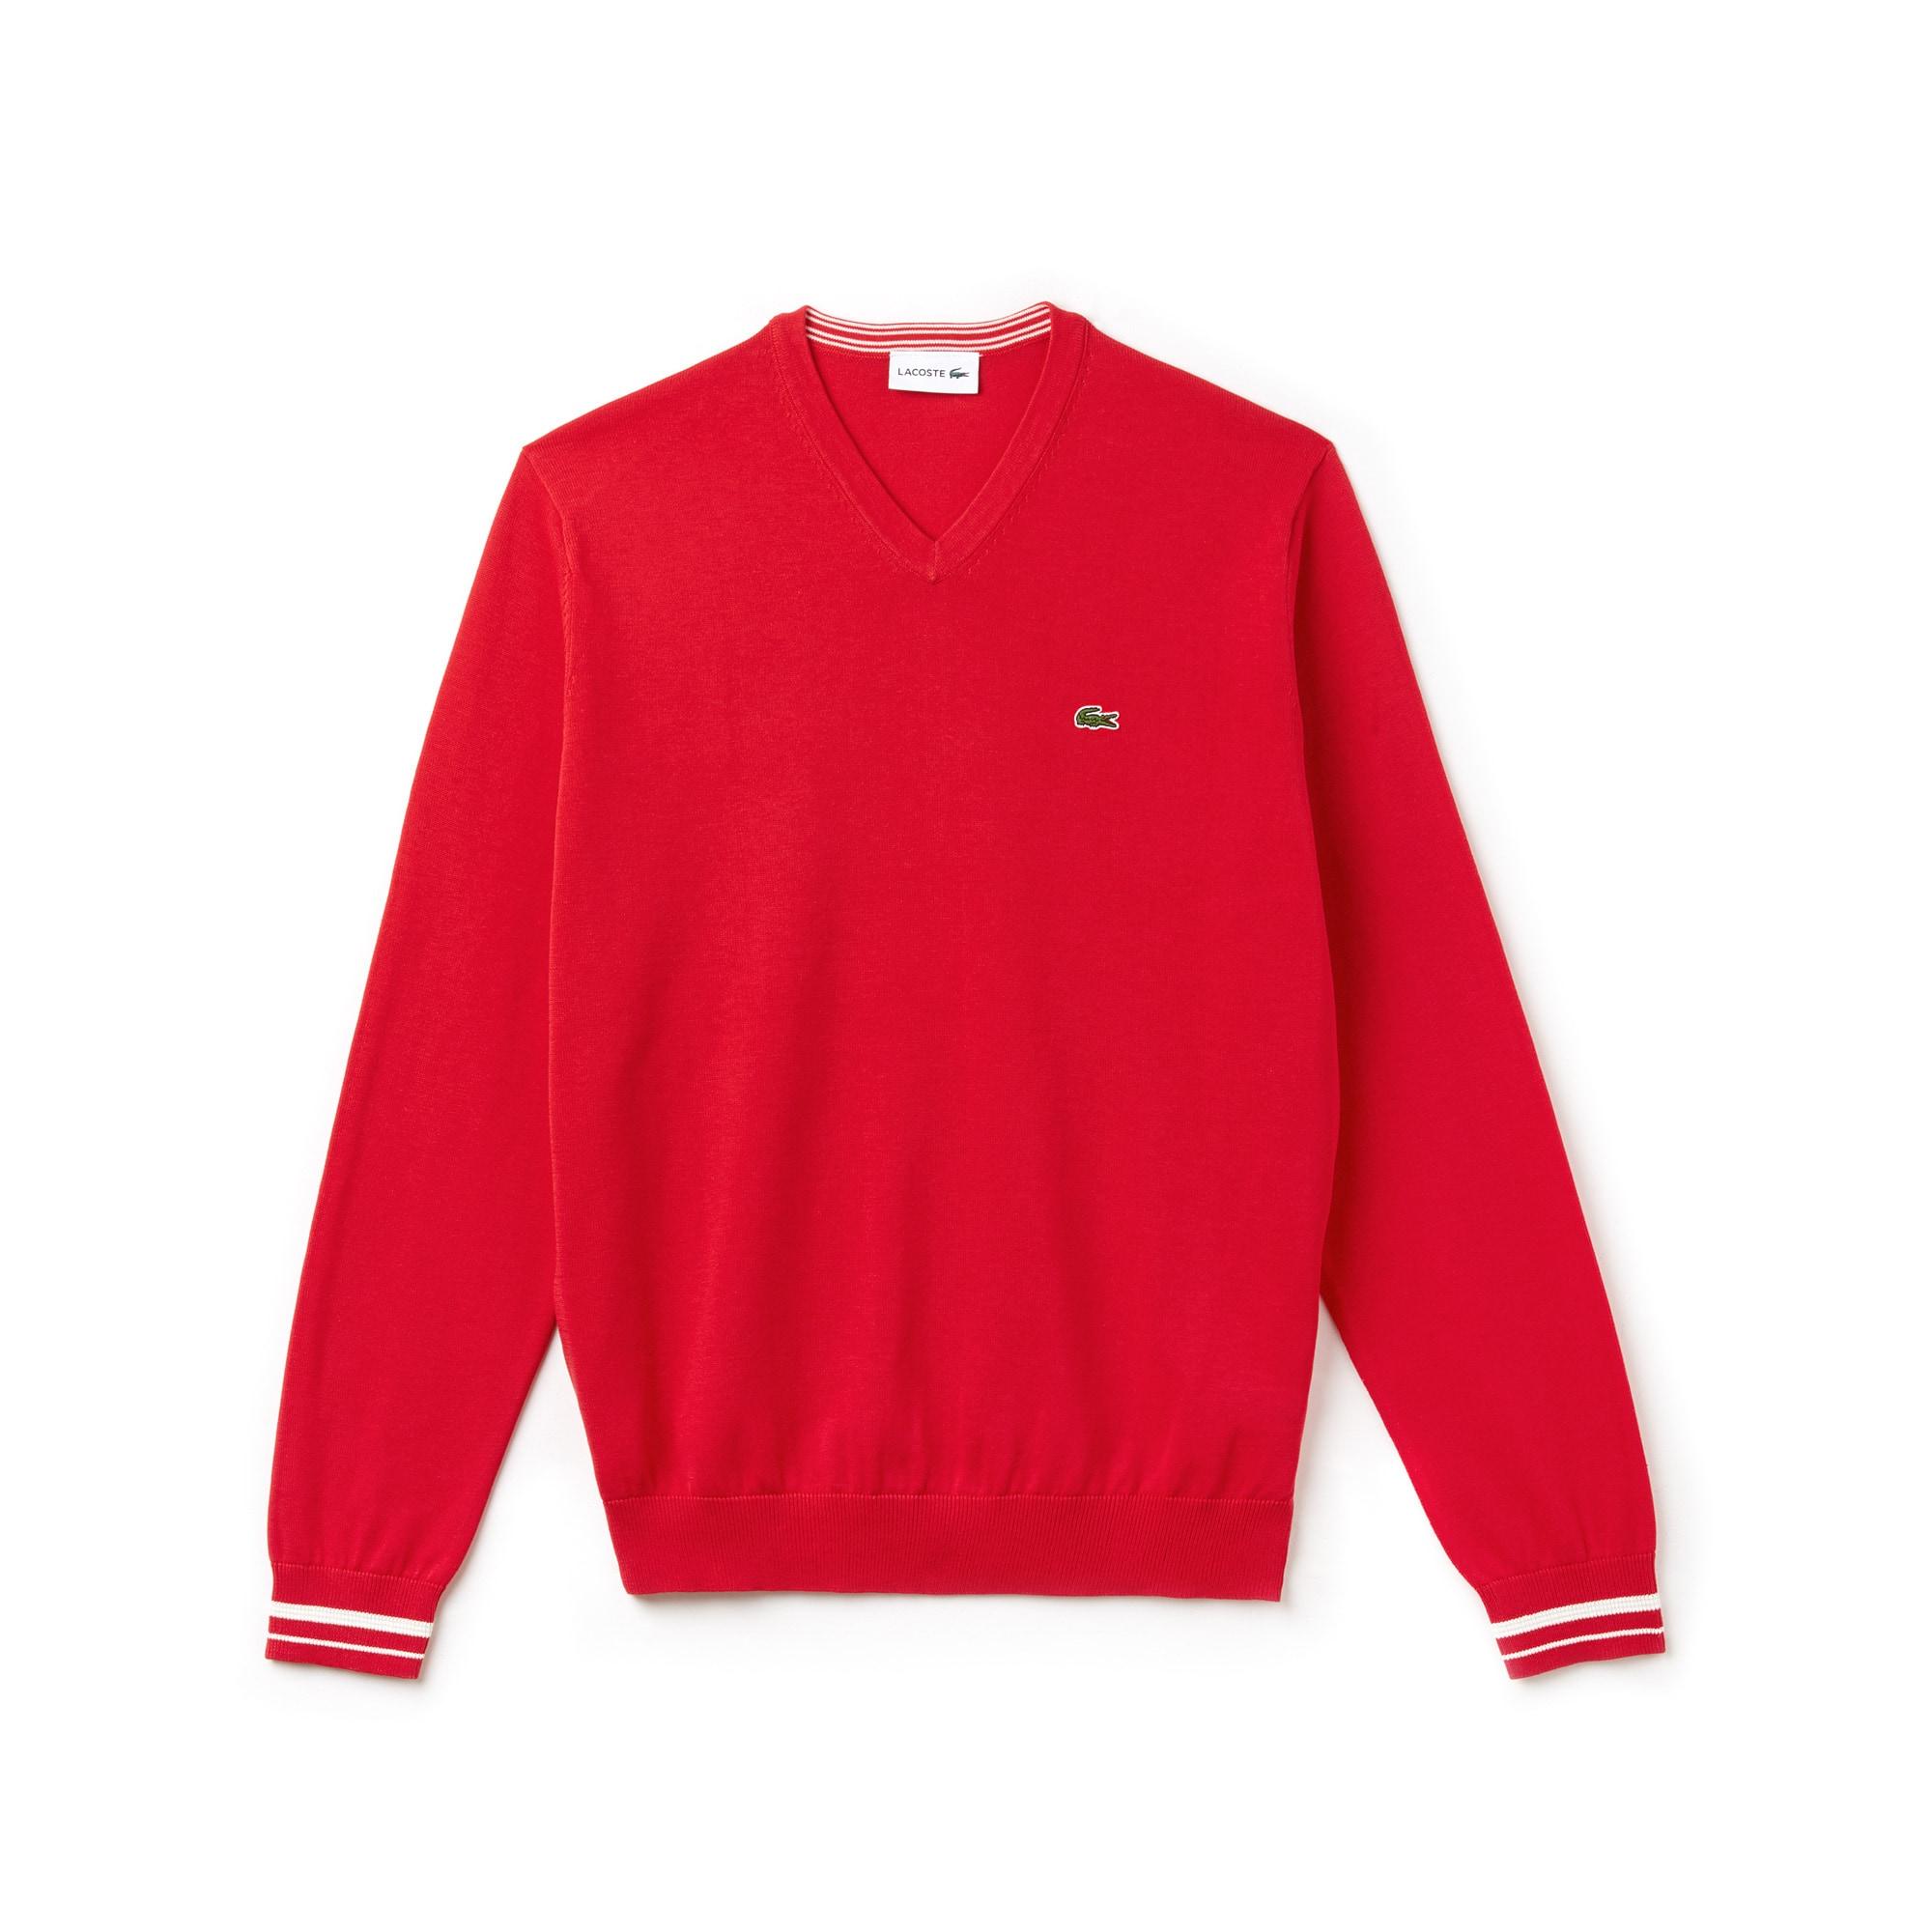 Jersey con cuello a pico de punto jersey de algodón liso con detalles contrastantes